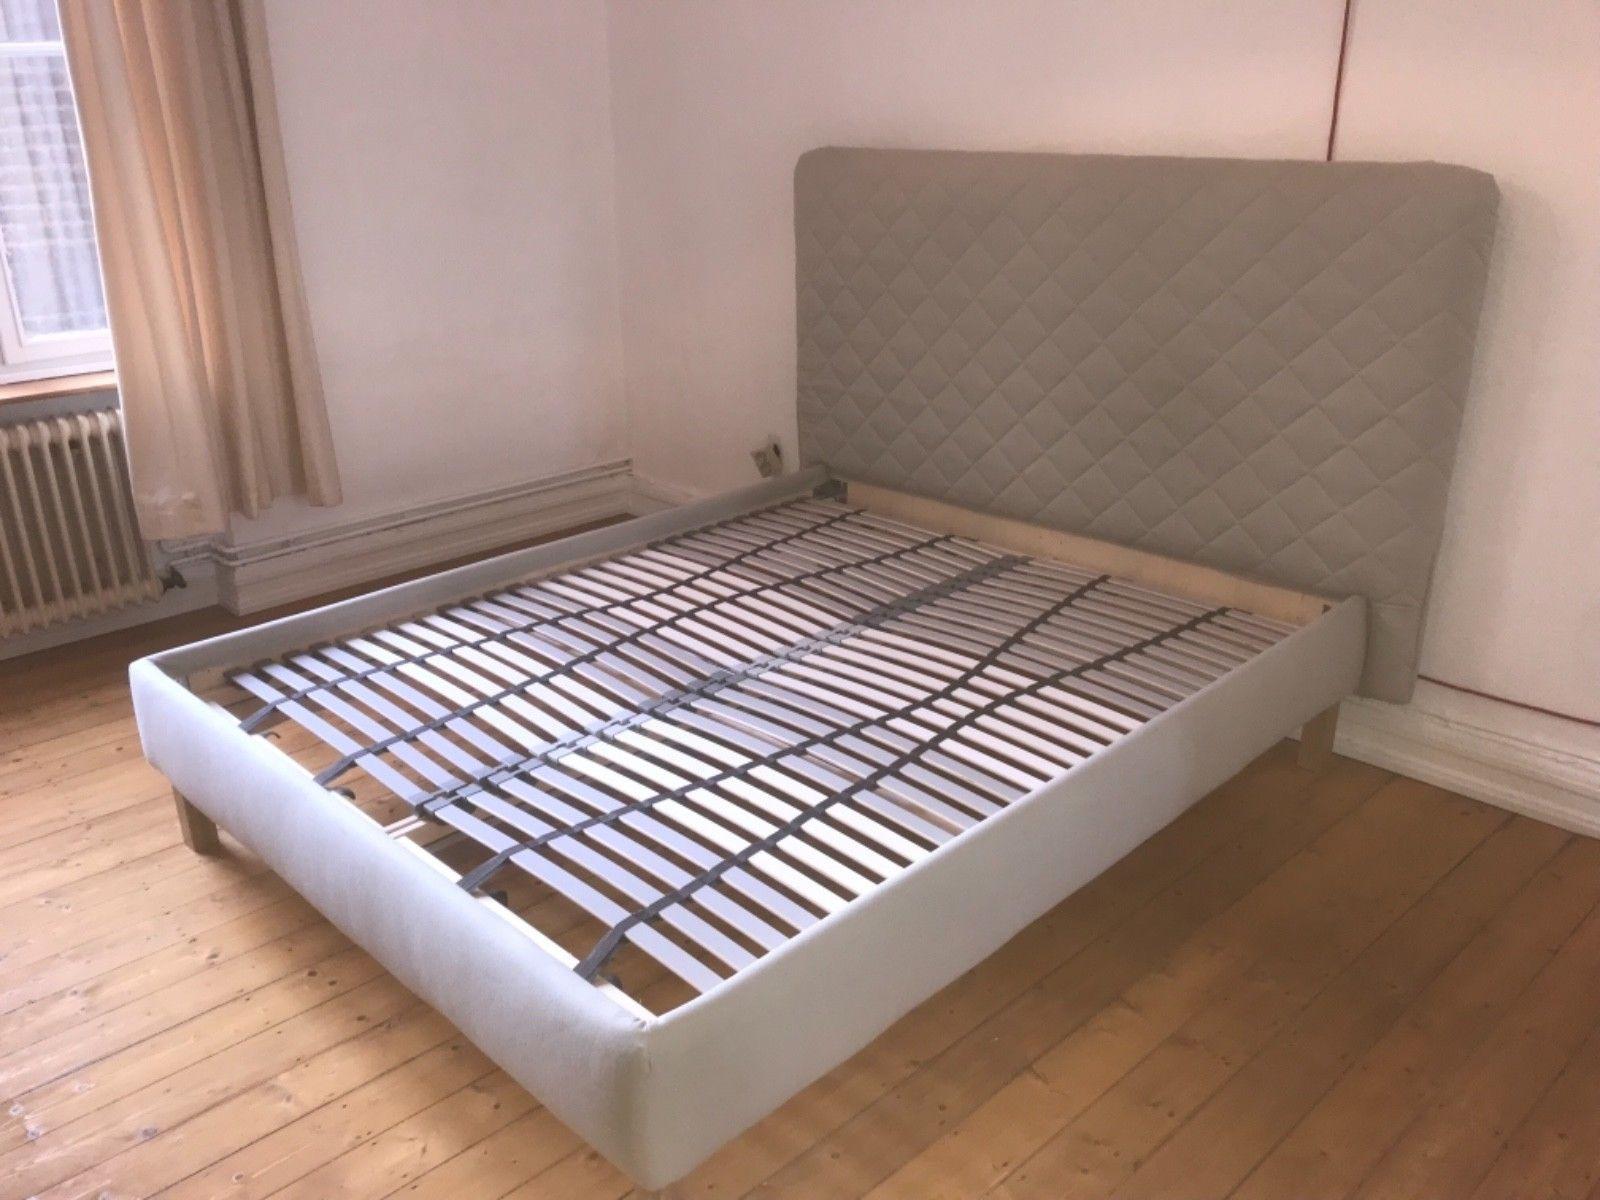 Full Size of Komplettbett 180x220 Ikea Fjell Bett Cheapbohemian 3a Anleitung Beste Mbelideen Wohnzimmer Komplettbett 180x220